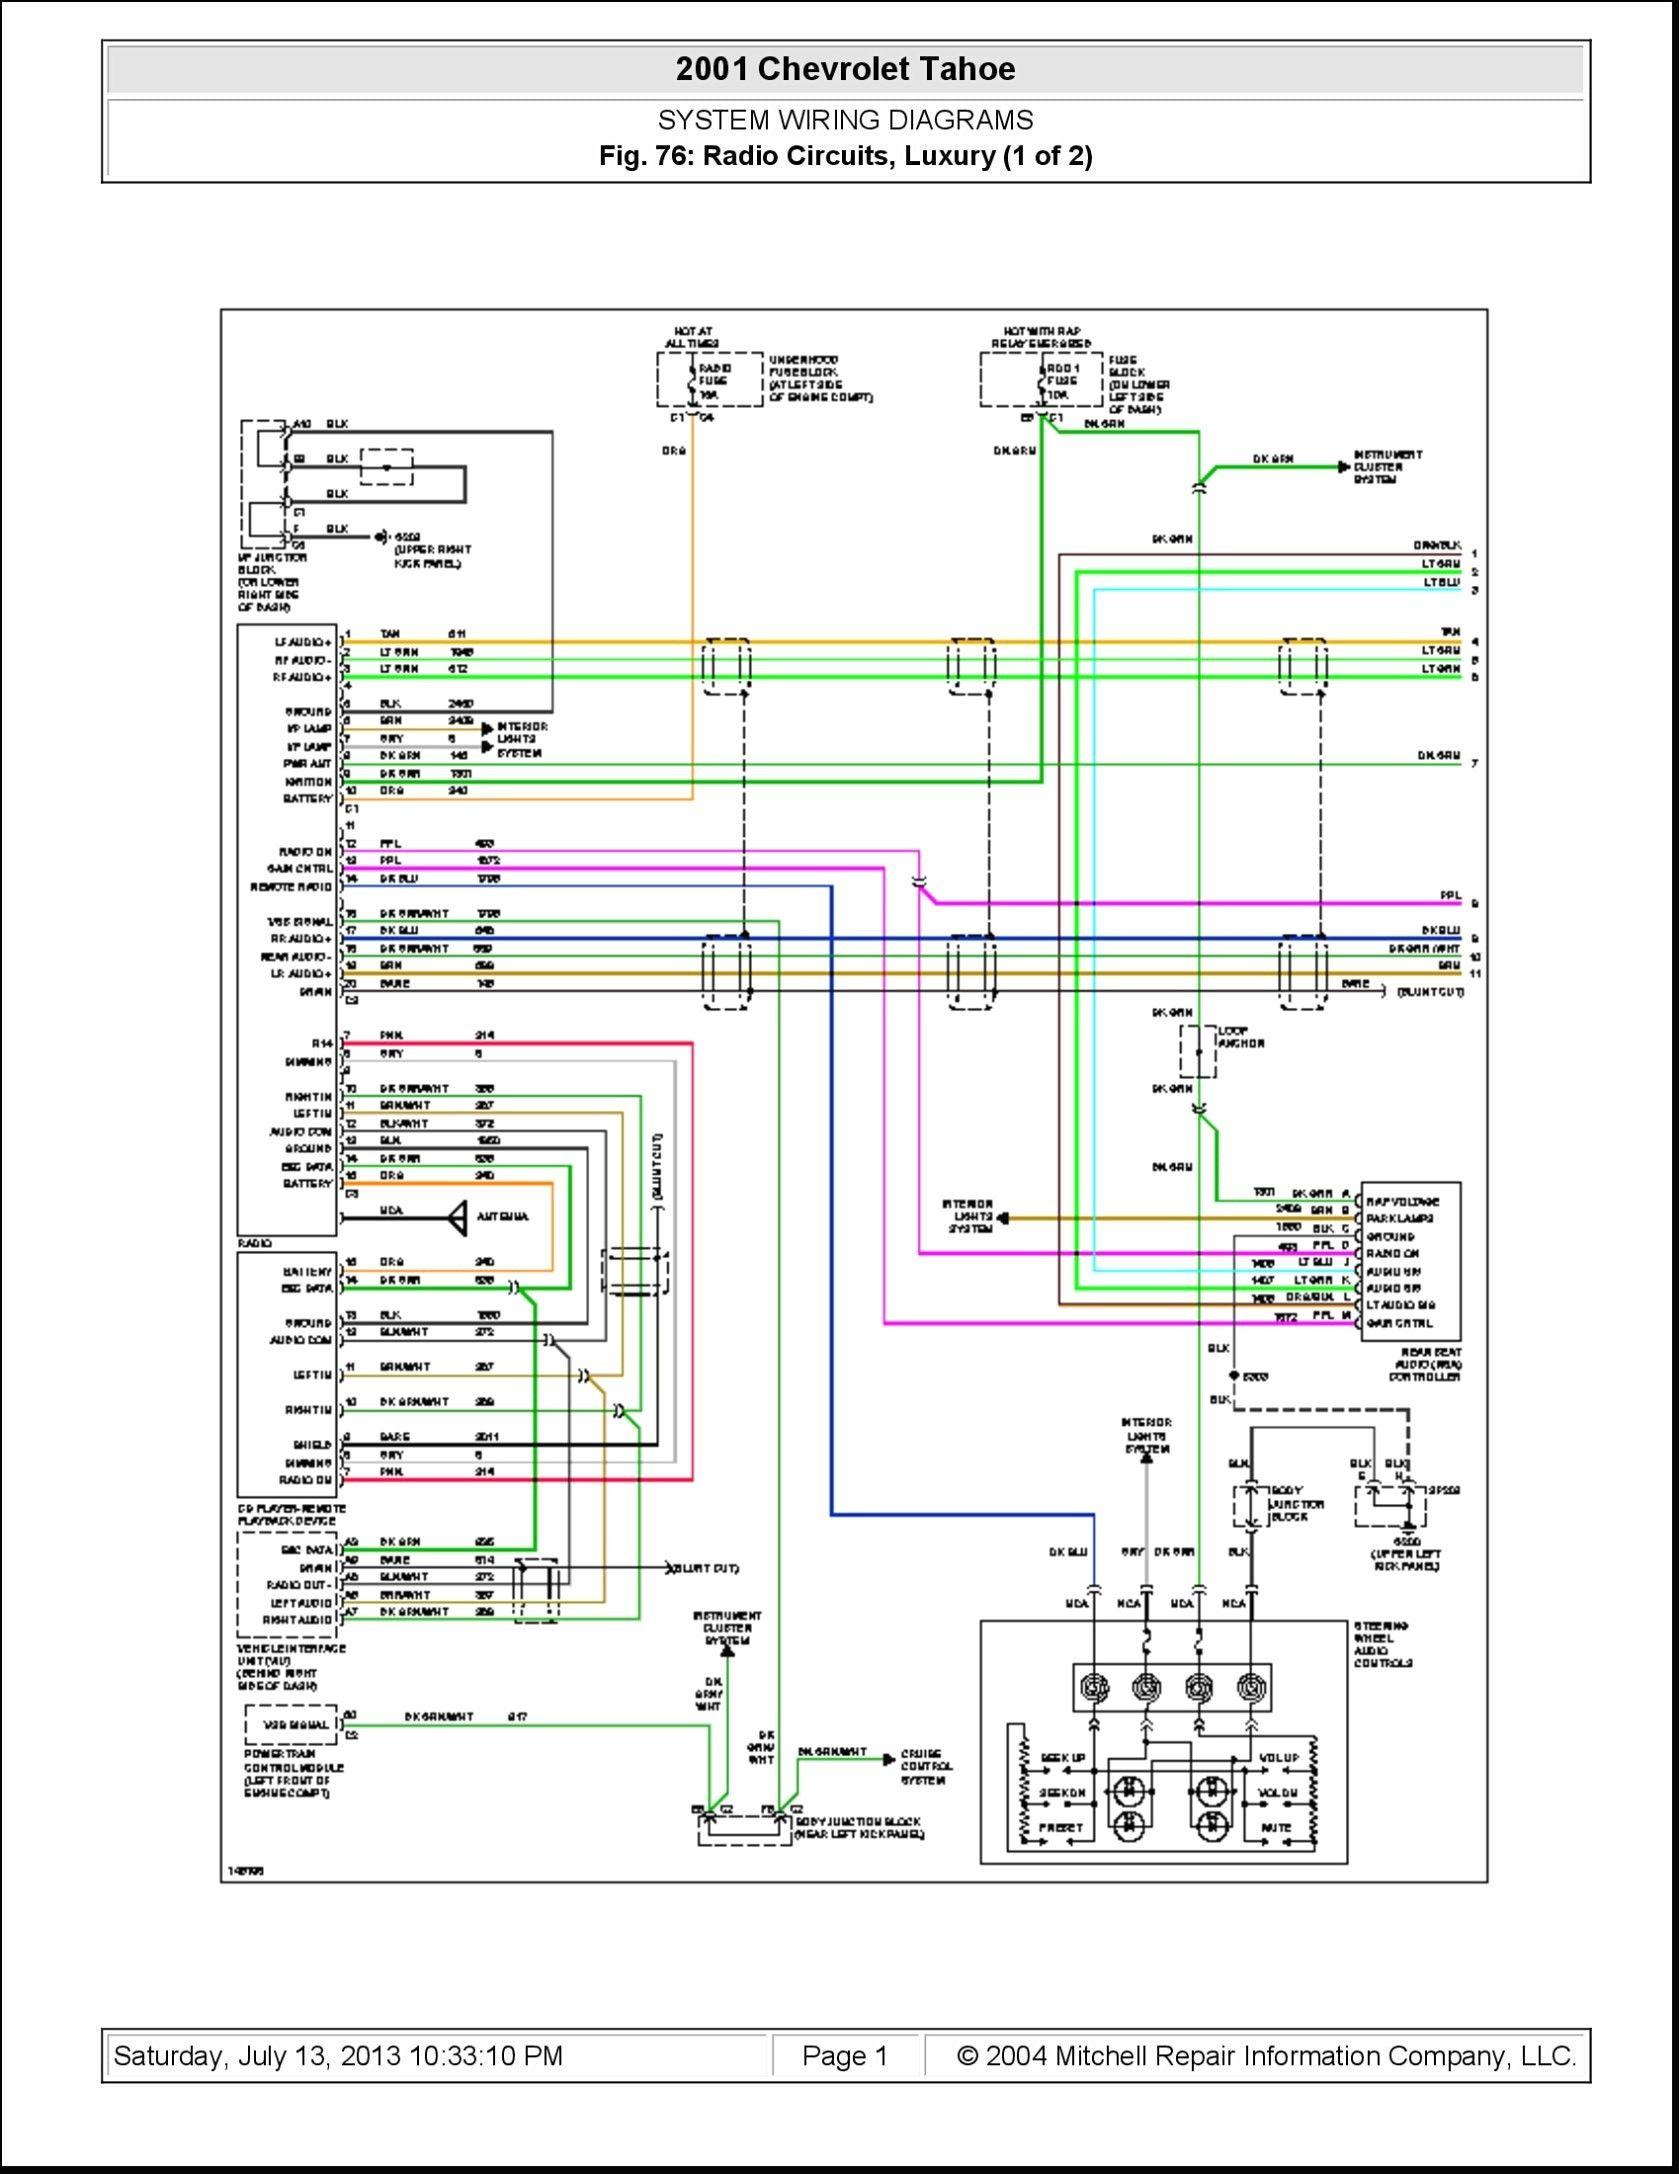 New Delco Amplifier Wiring Diagram Circuito eléctrico